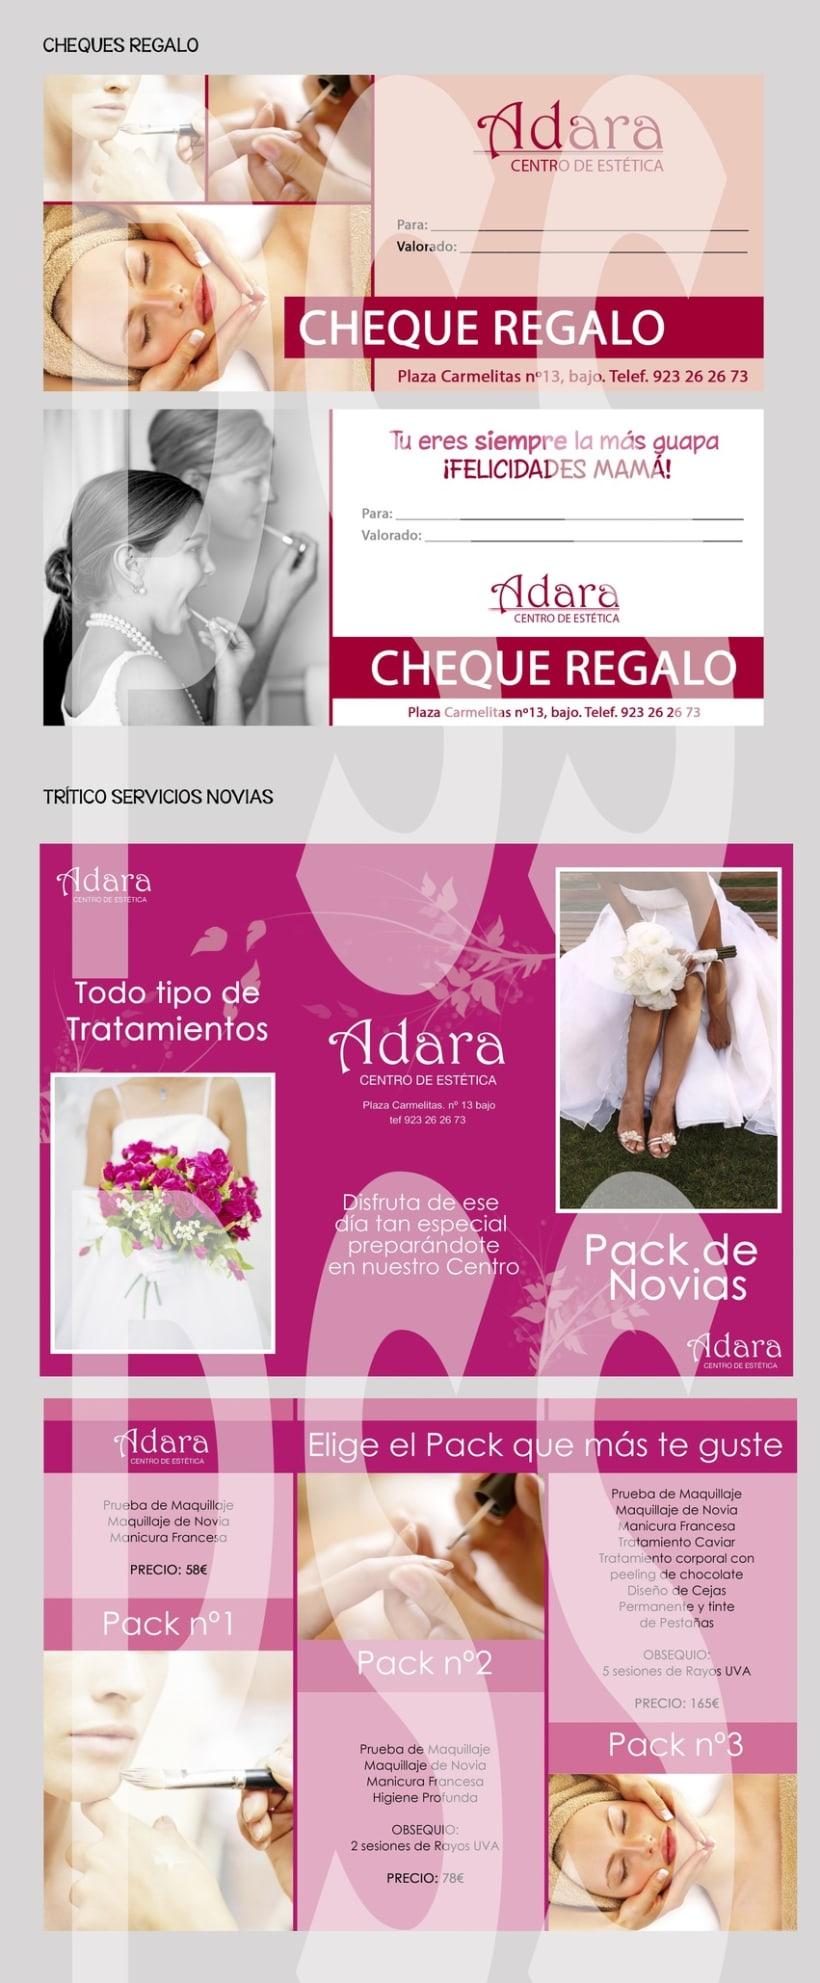 Imagen Adara, Centro de Estética 10